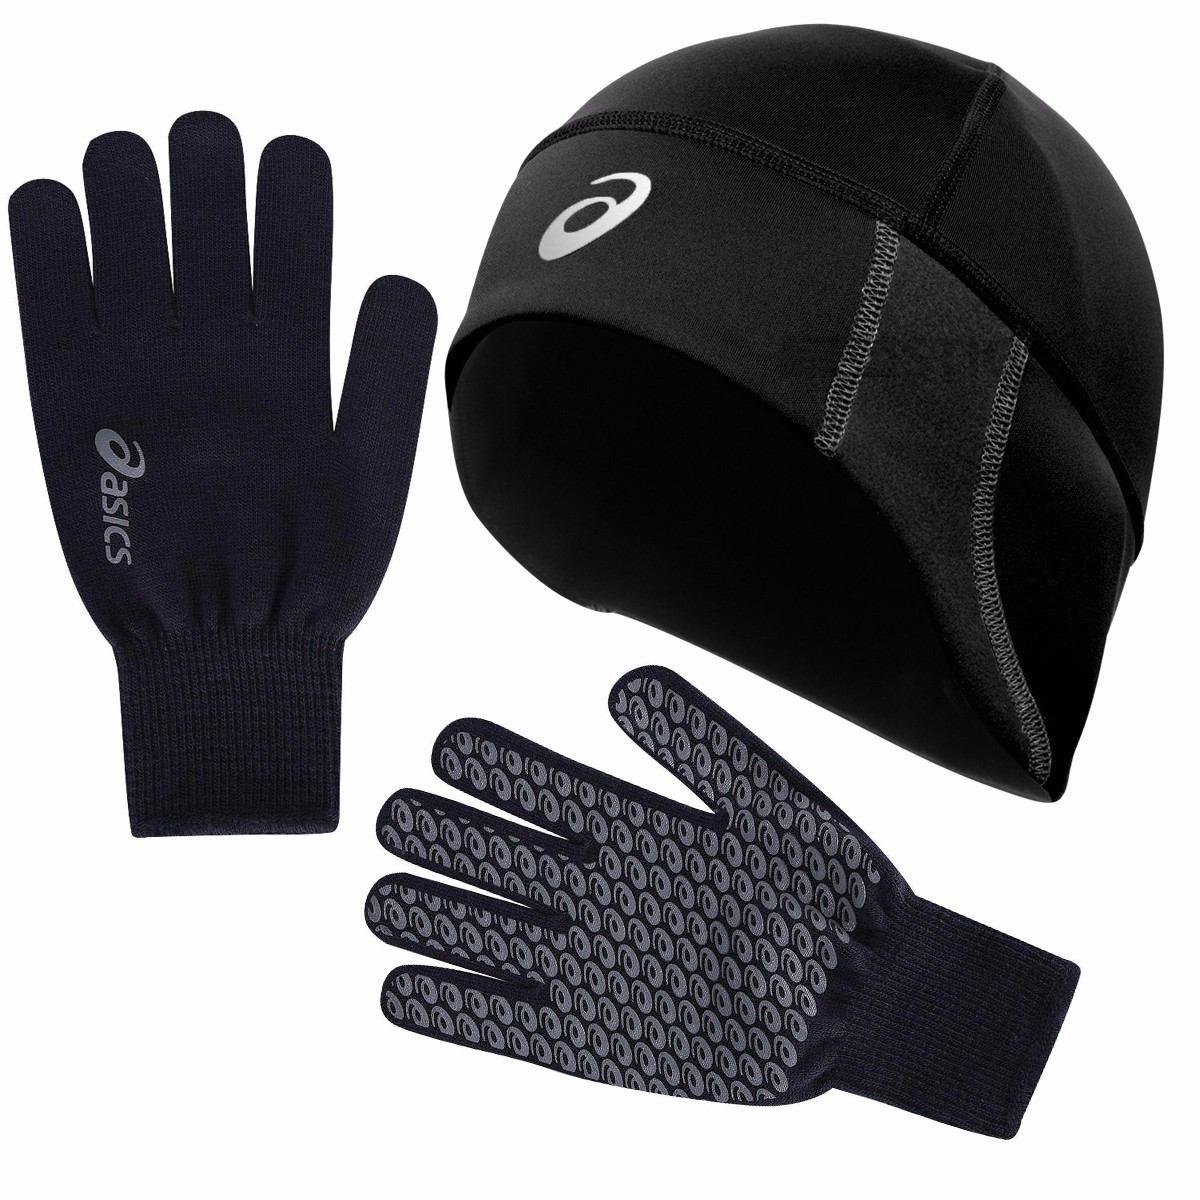 kit esportivo p  frio touca e luvas asics thermal tam. g gg. Carregando  zoom. 8d1b86e0b92